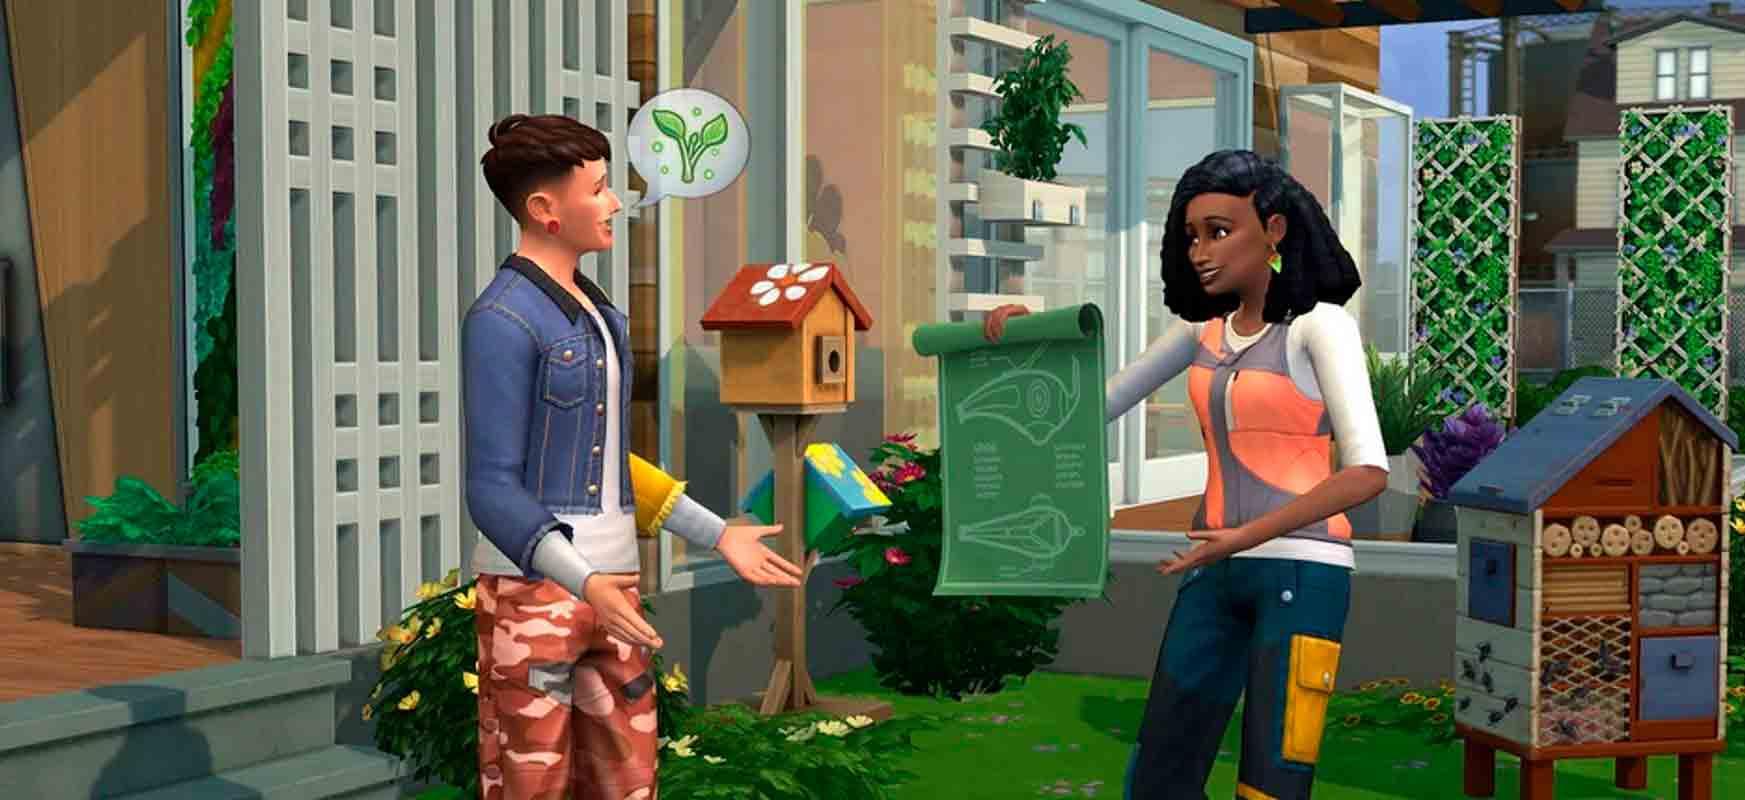 Interacción entre Sims